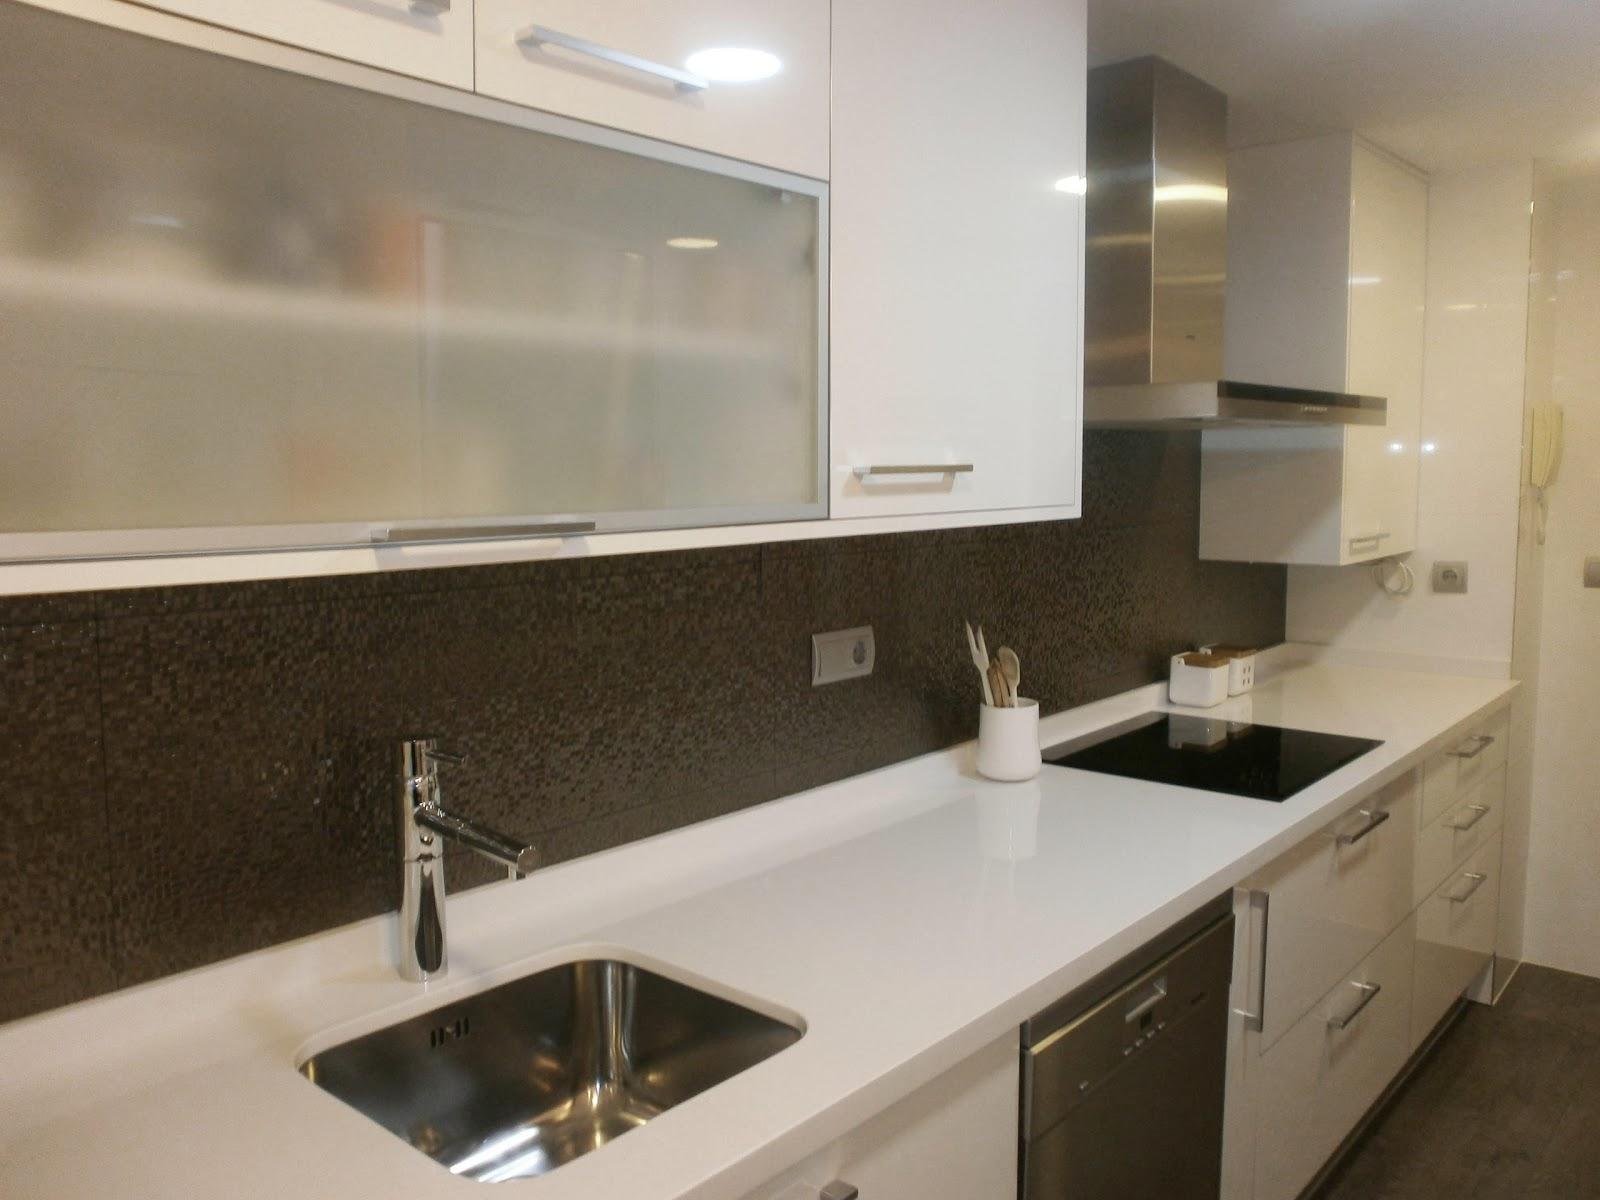 C mo lograr m s amplitud visual en la cocina cocinas con for Ocultar lavadora